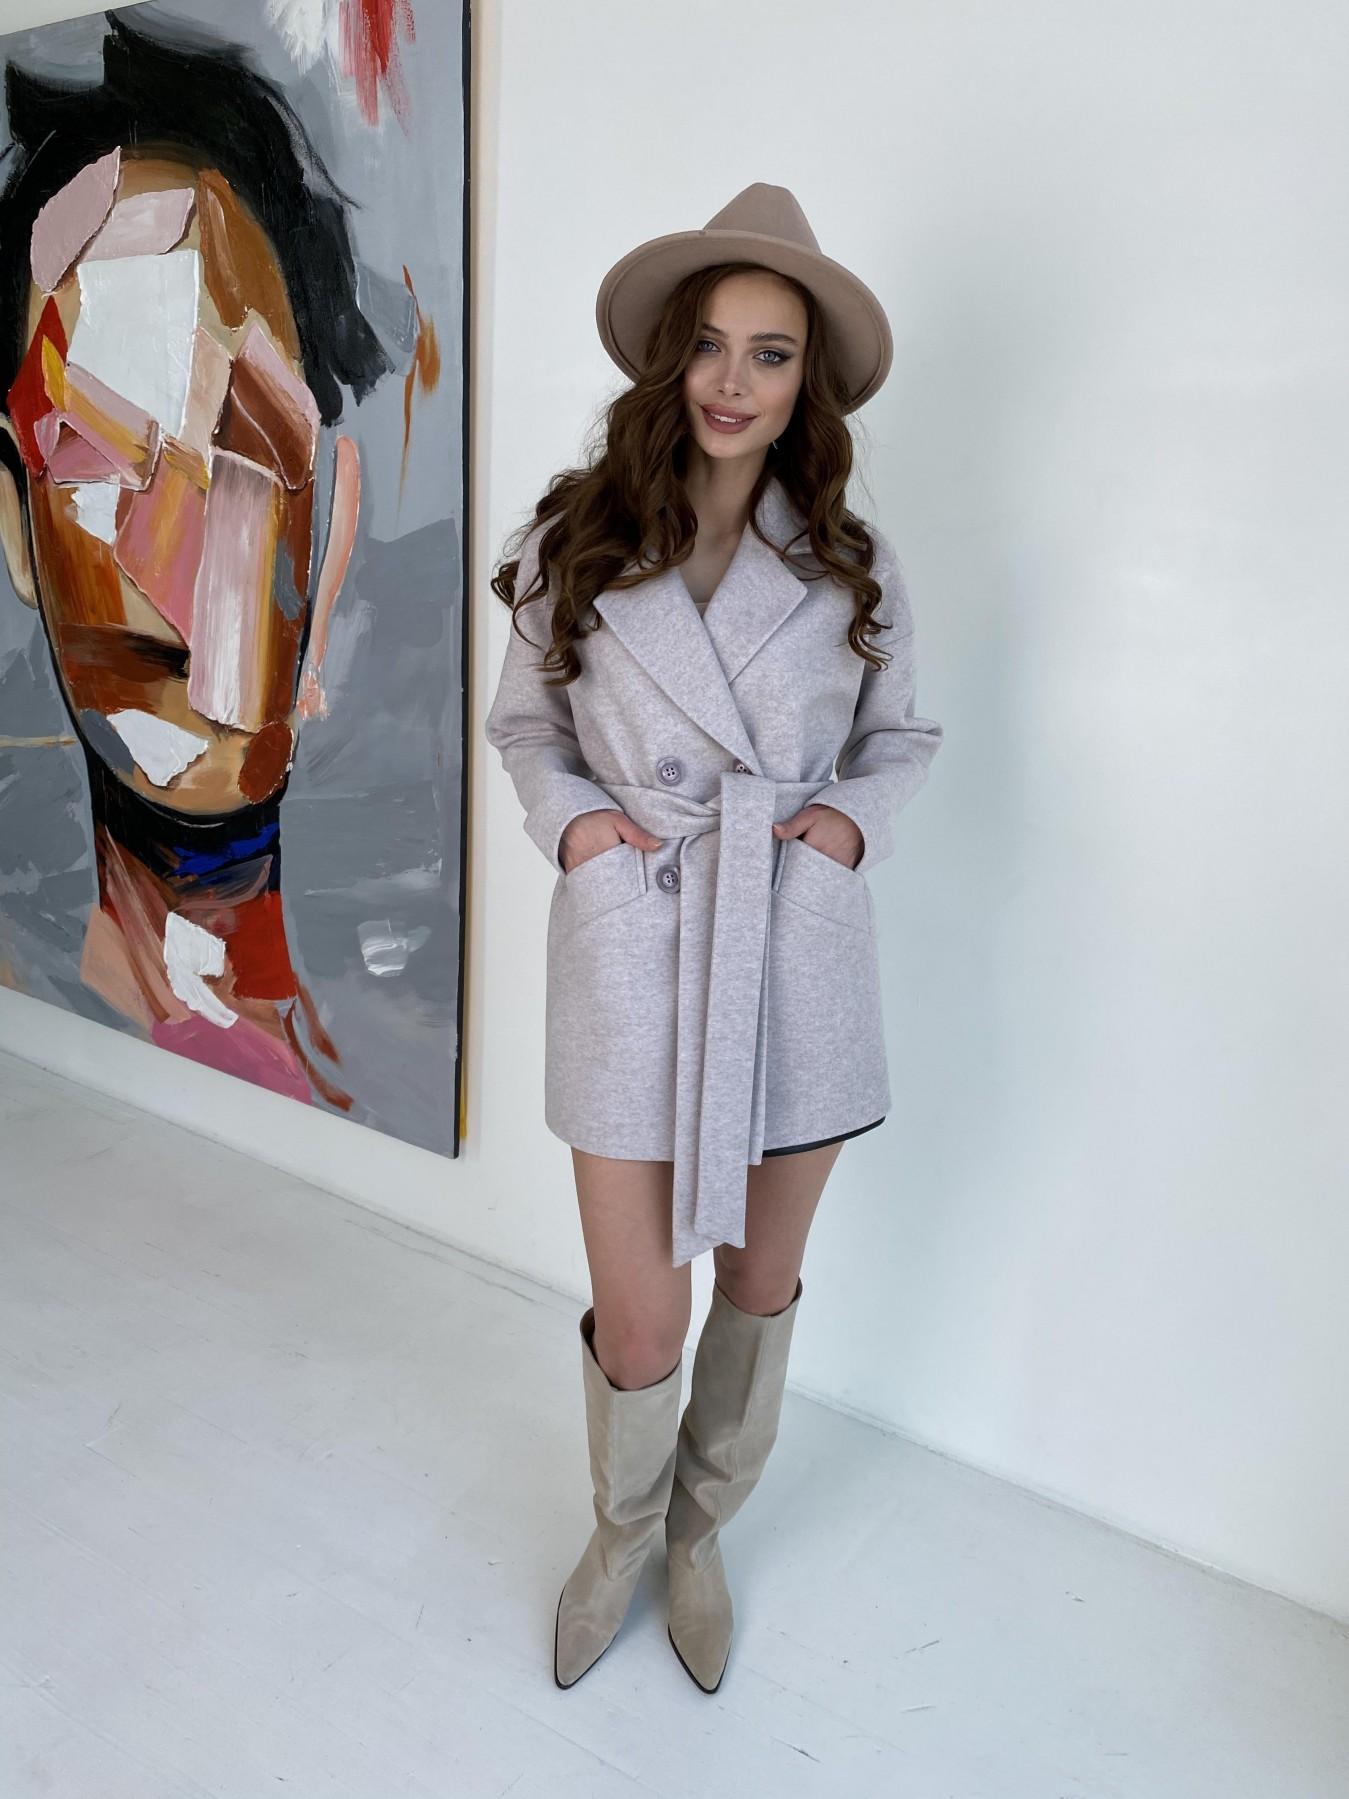 Бонд пальто  кашемировое меланж на трикотаже  10644 АРТ. 47161 Цвет: Бежевый меланж - фото 7, интернет магазин tm-modus.ru